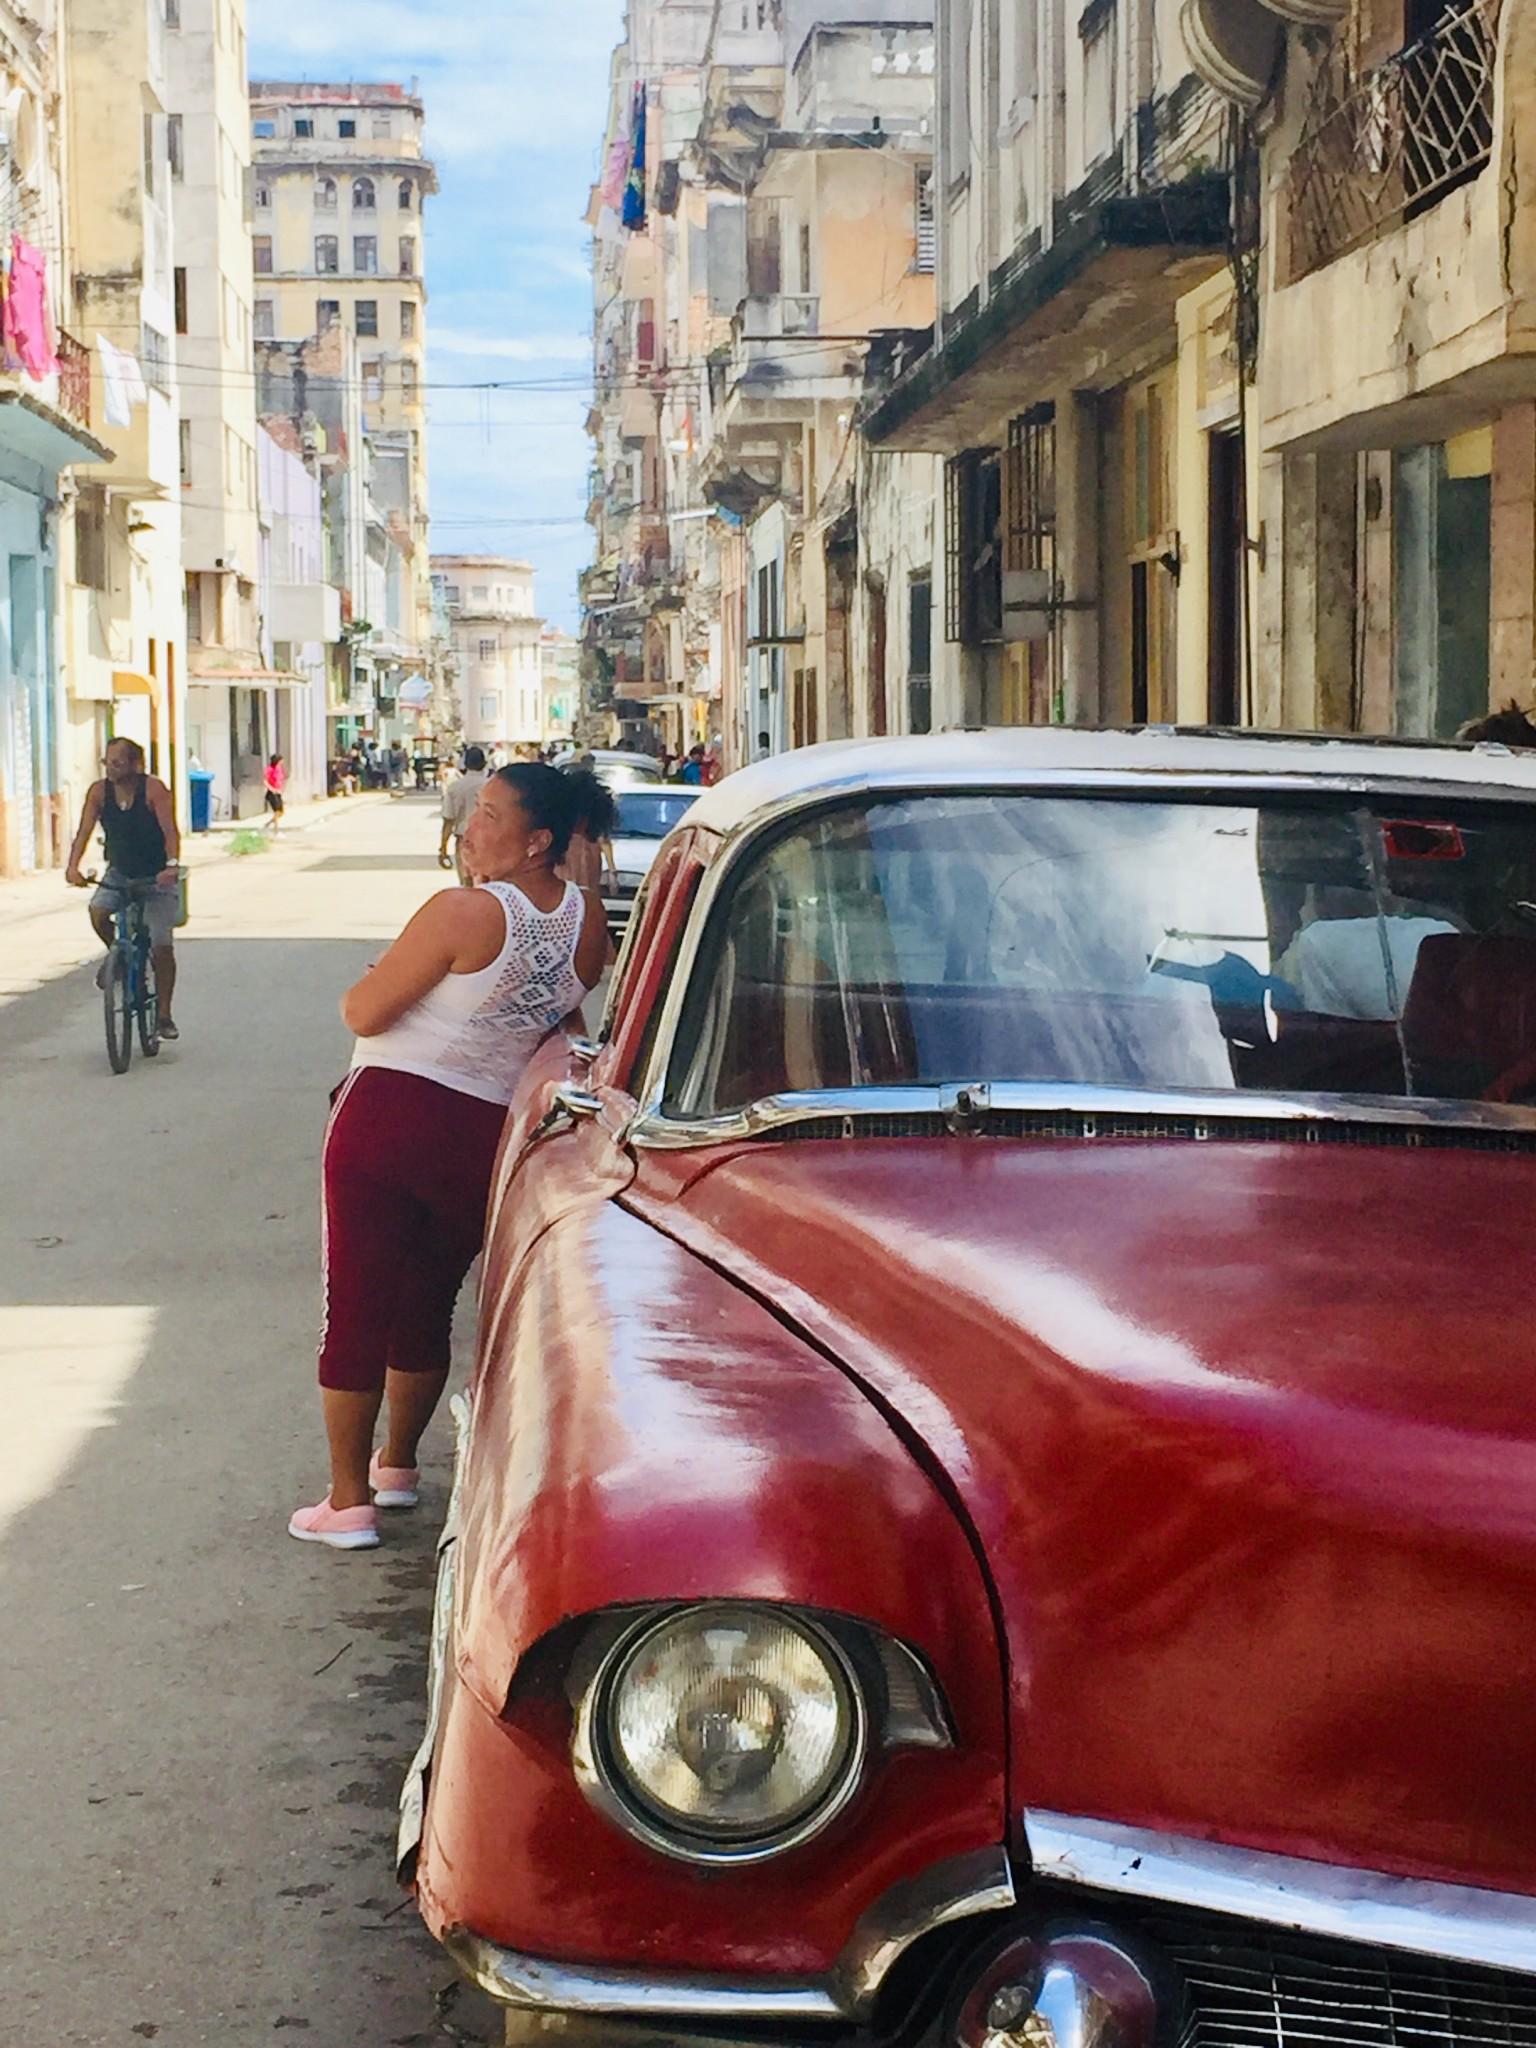 Kuba-Havanna-Centro-Frau lehnt an rotem Oldtimer-IMG_7936-bk